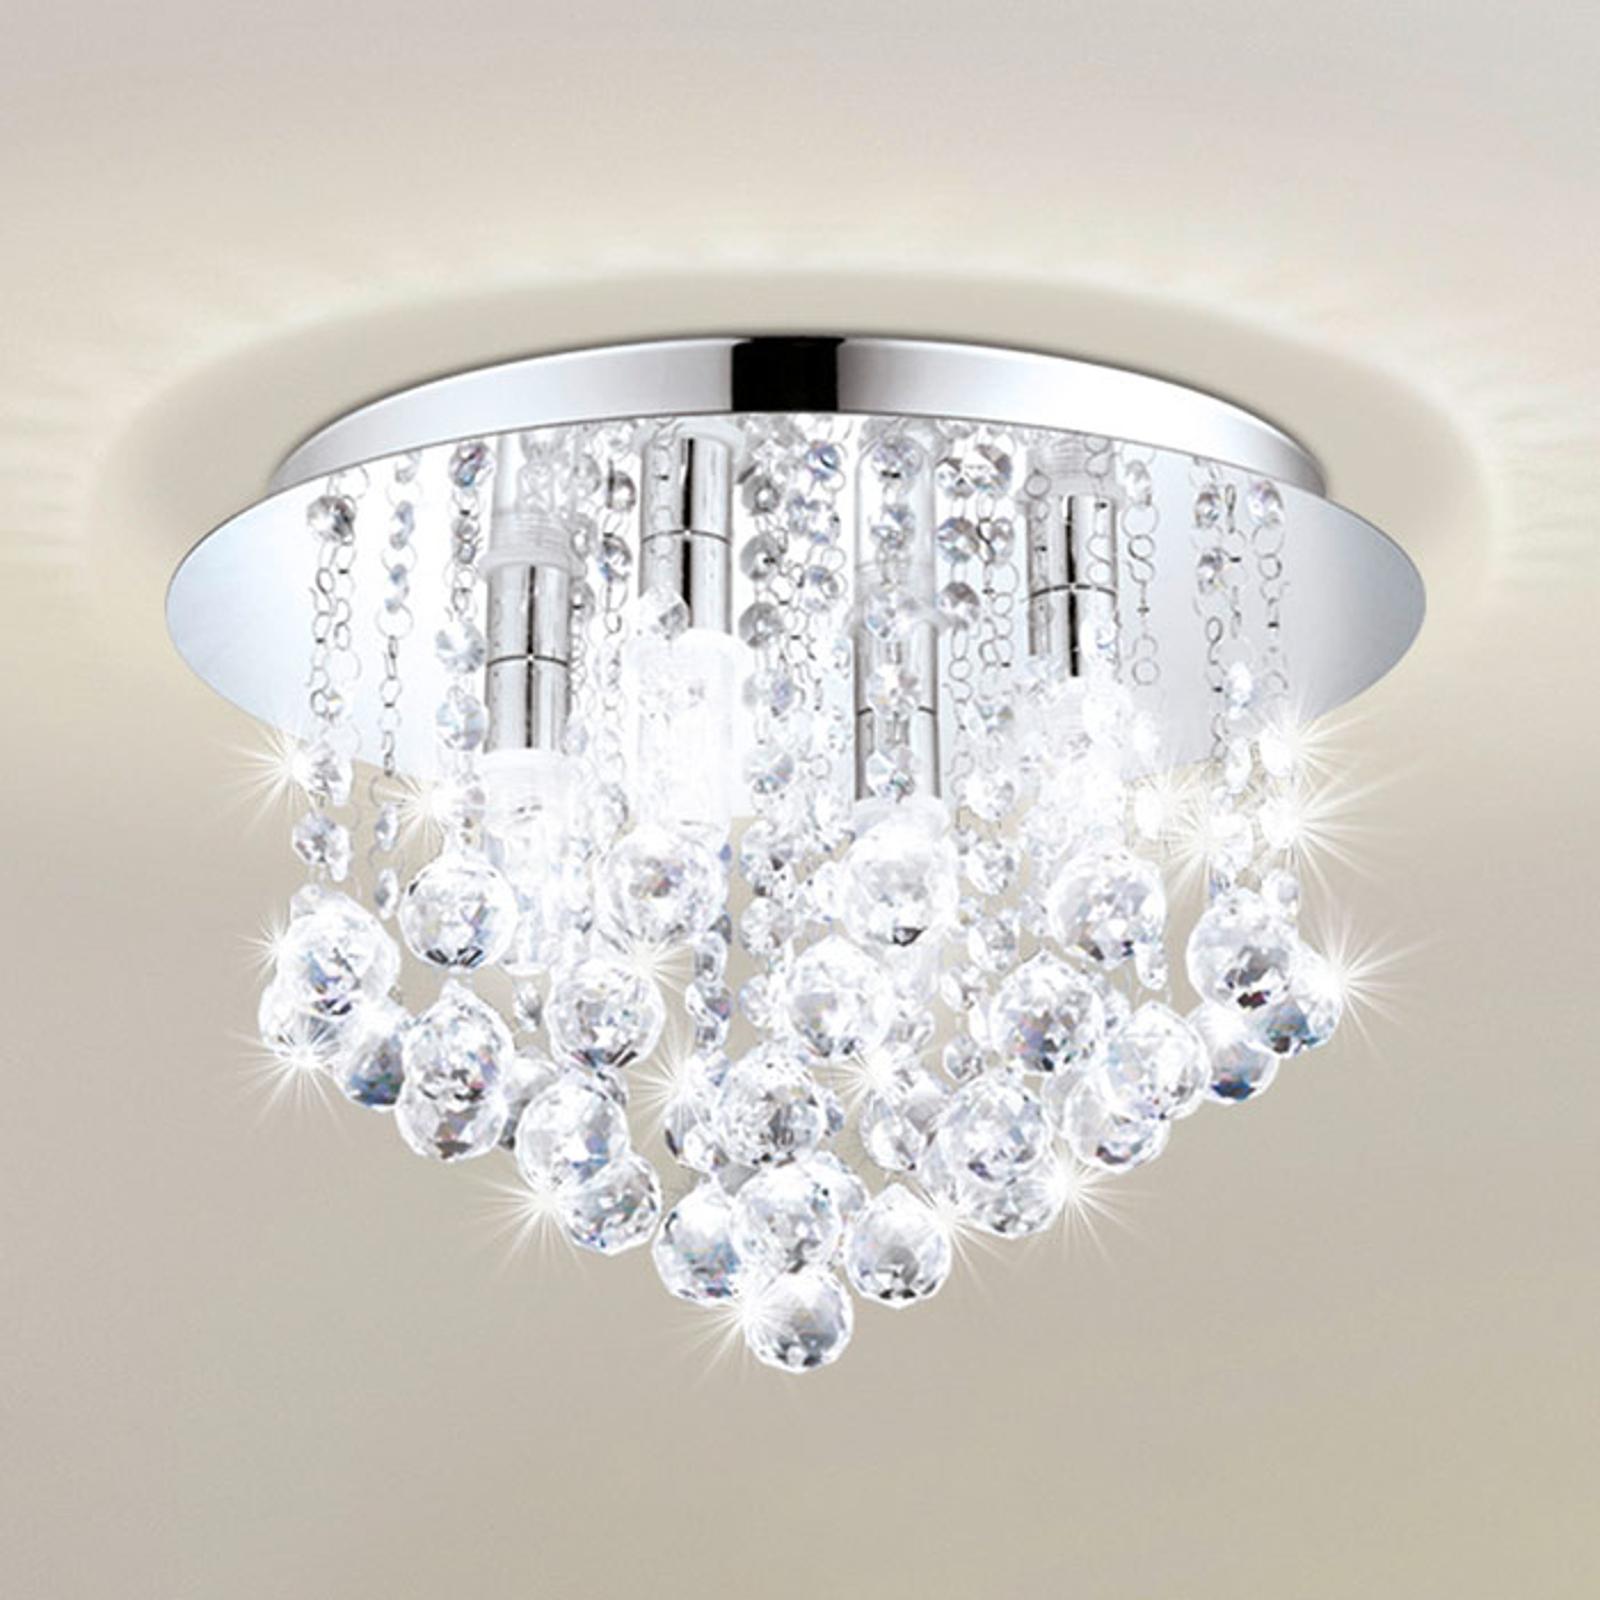 LED-Deckenleuchte Almonte mit Behang, 35cm